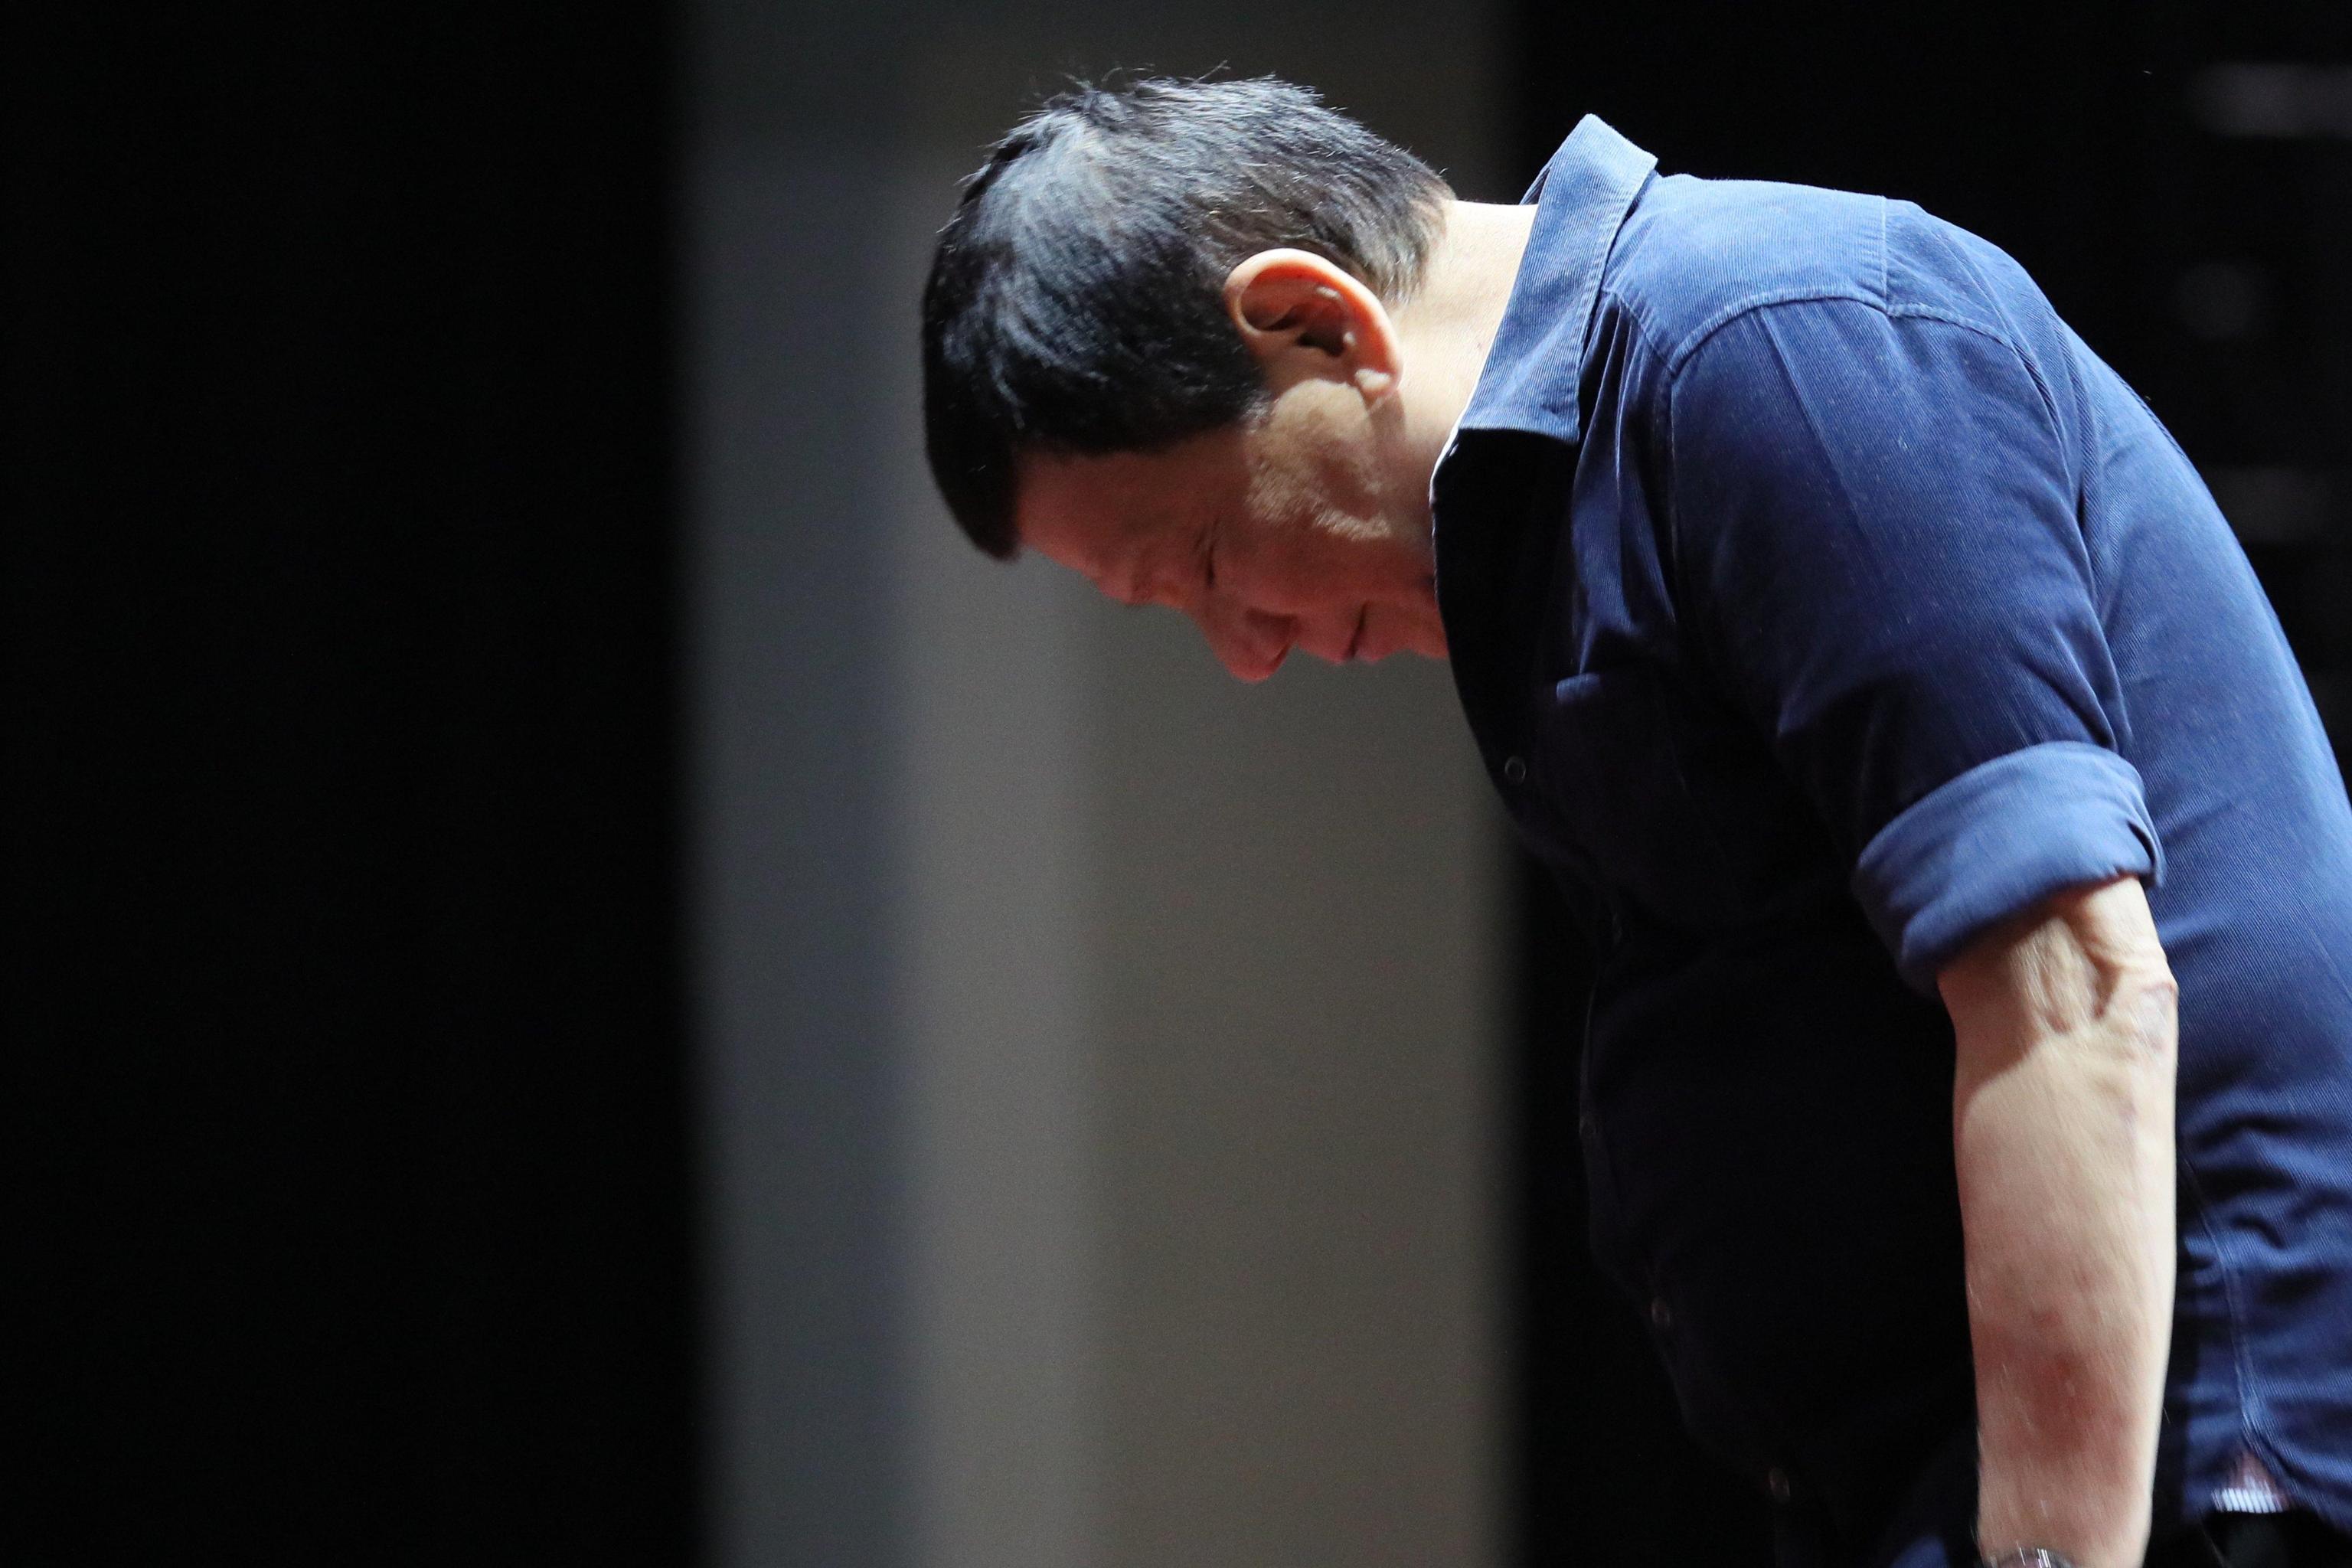 Il presidente delle Filippine Rodrigo Duterte bestemmia in diretta